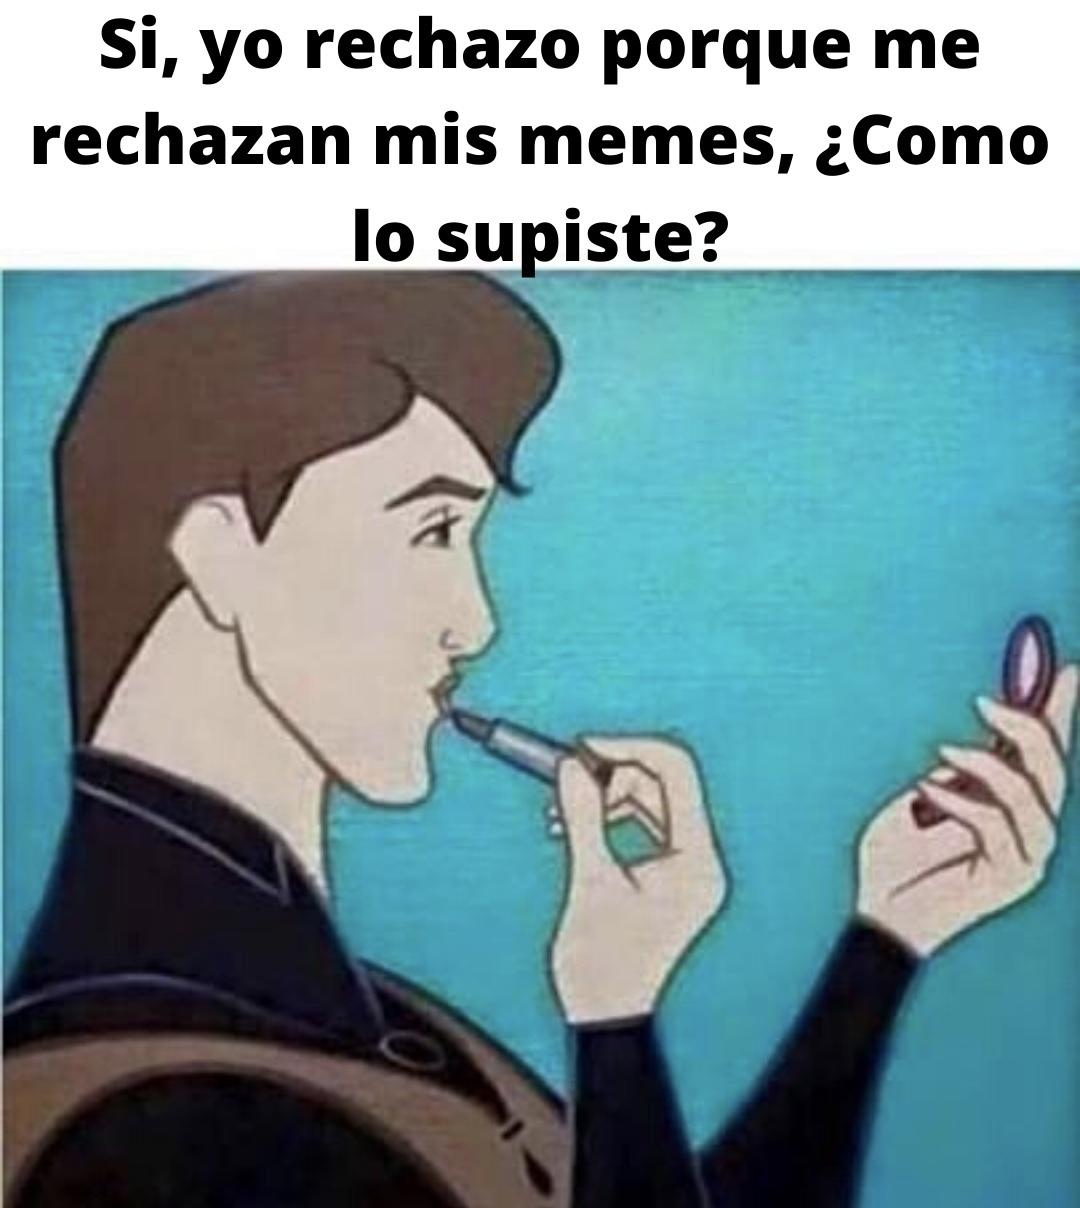 ESE HOMBRE ES JOTO! - meme